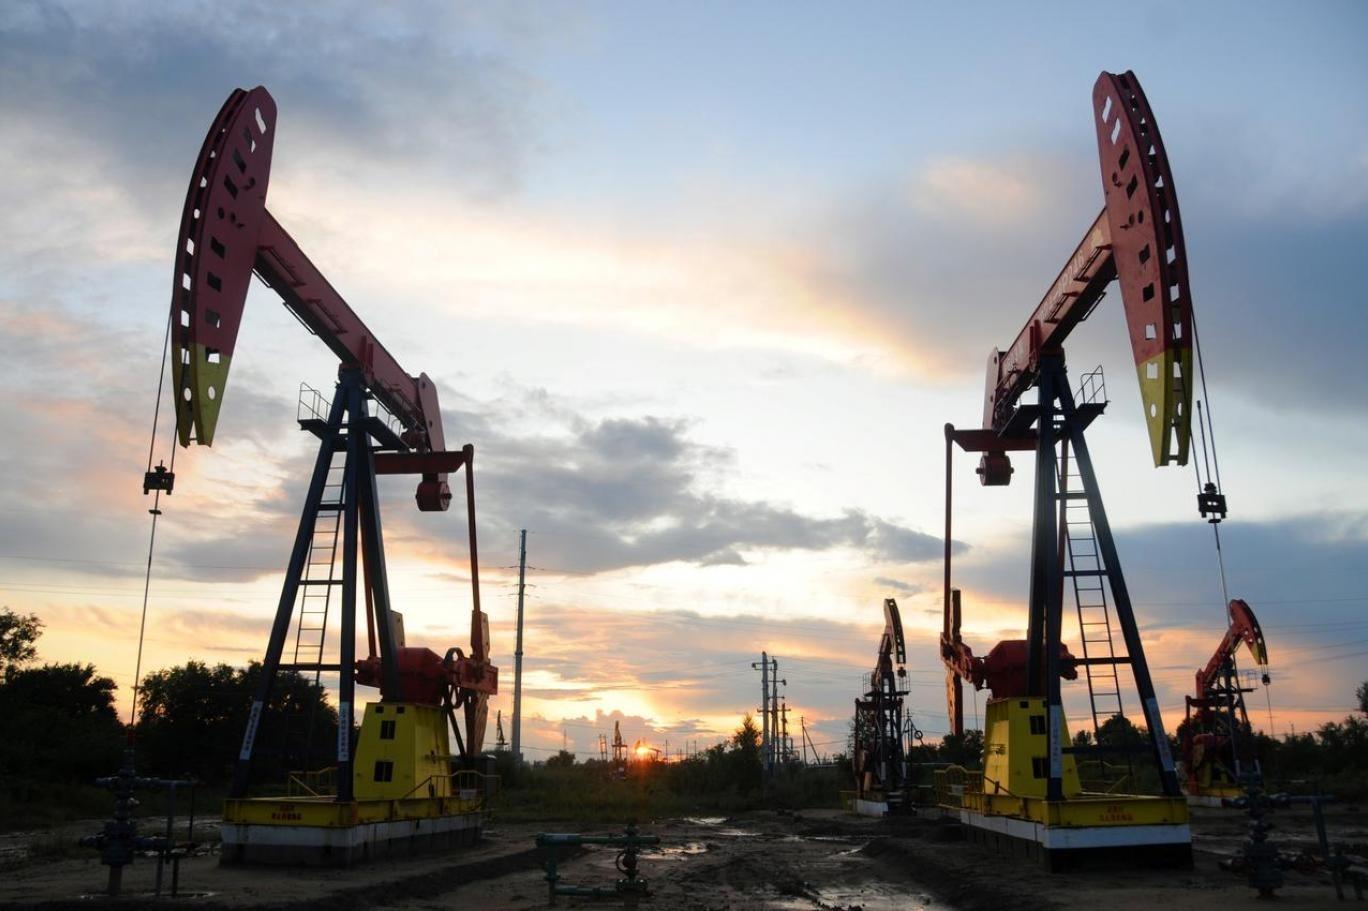 اسعار النفط تتراجع والدولار يرتفع وتعافٍ فصلي للاقتصاد الصيني